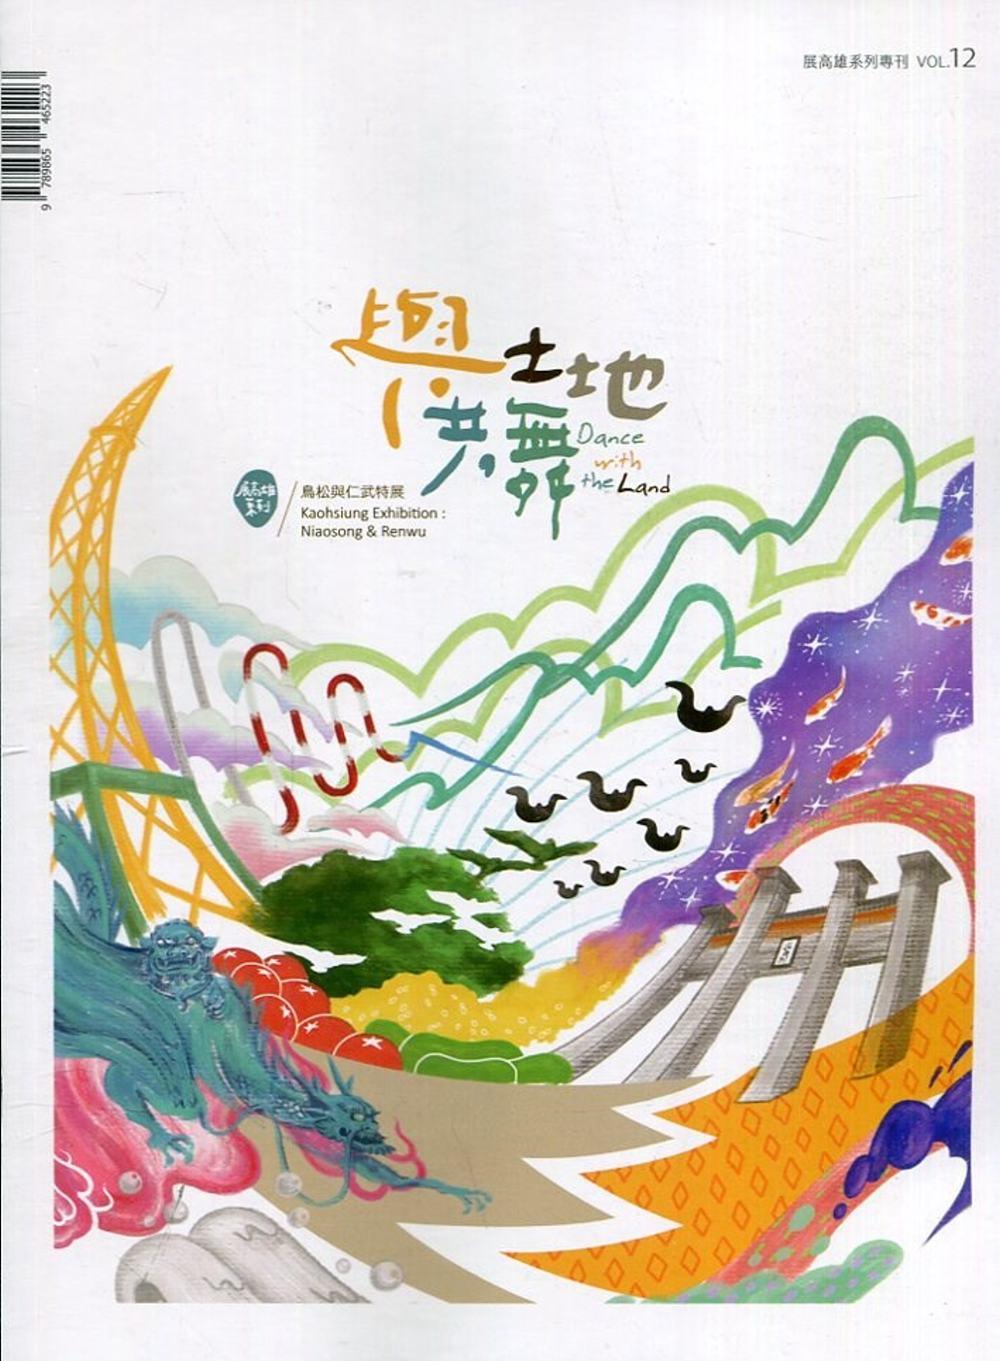 展高雄系列專刊-與土地共舞:鳥...